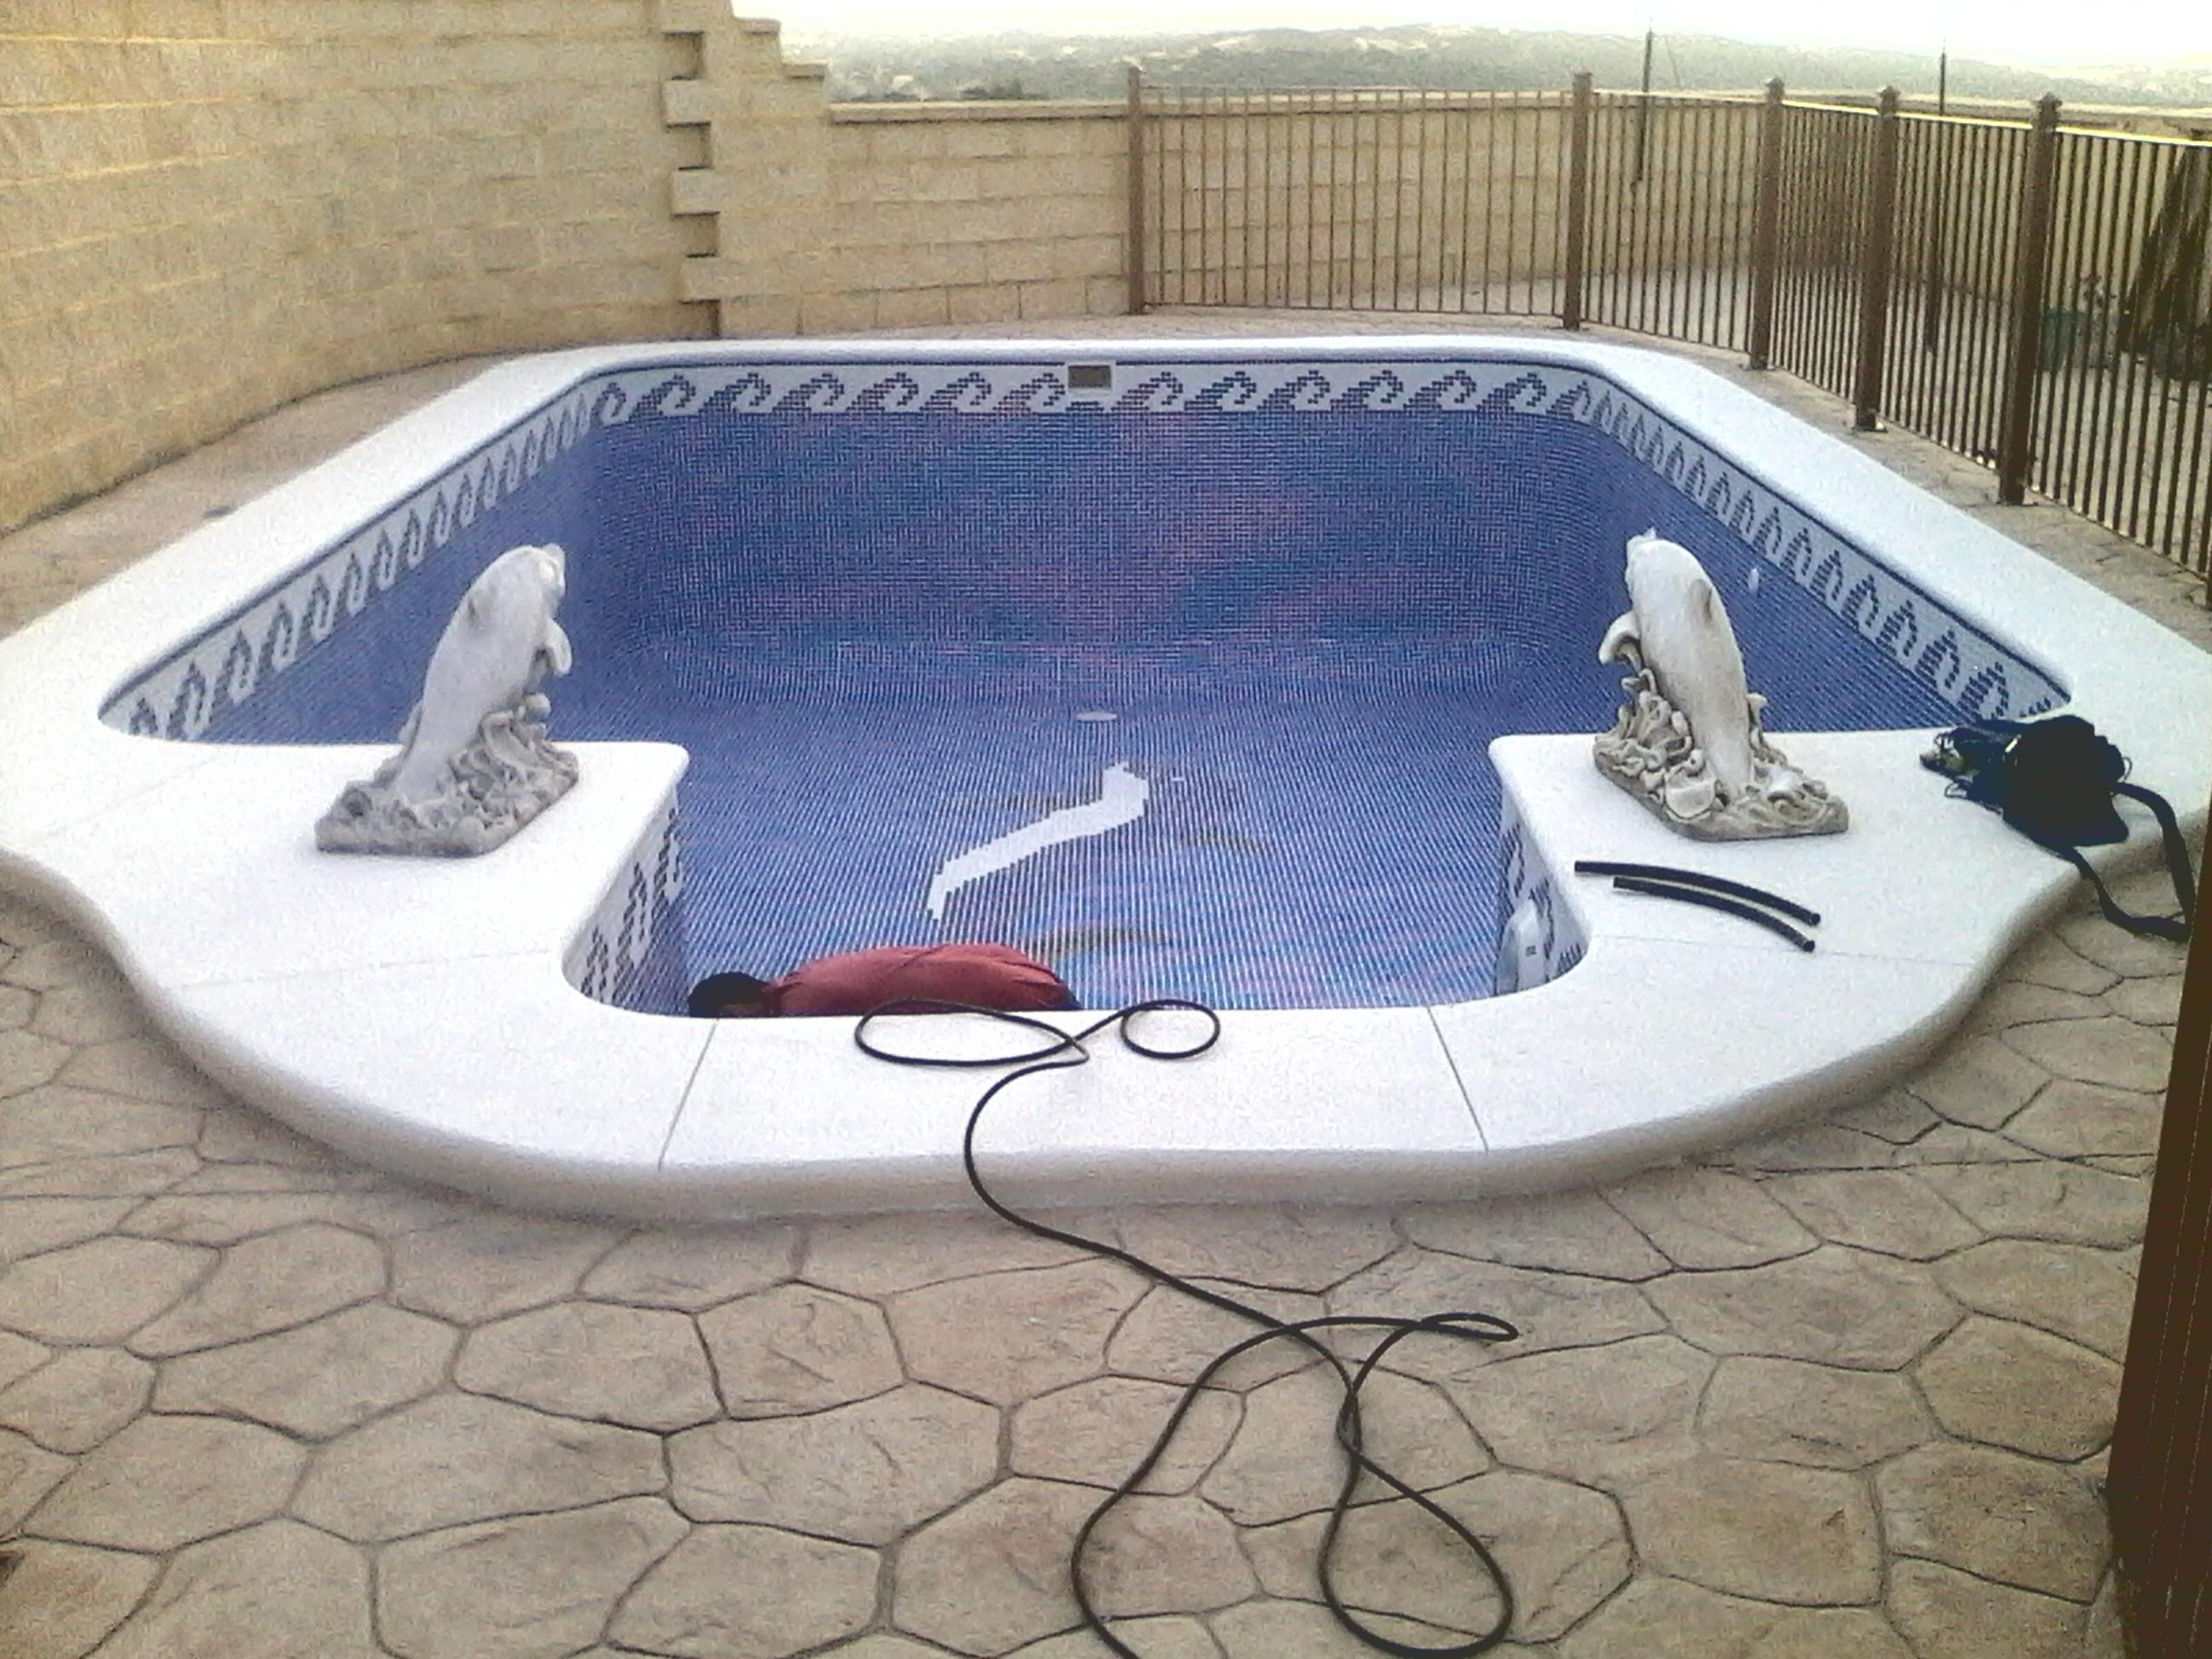 Exif jpeg 420 construcci n de piscinas - Barrefondos para piscinas ...